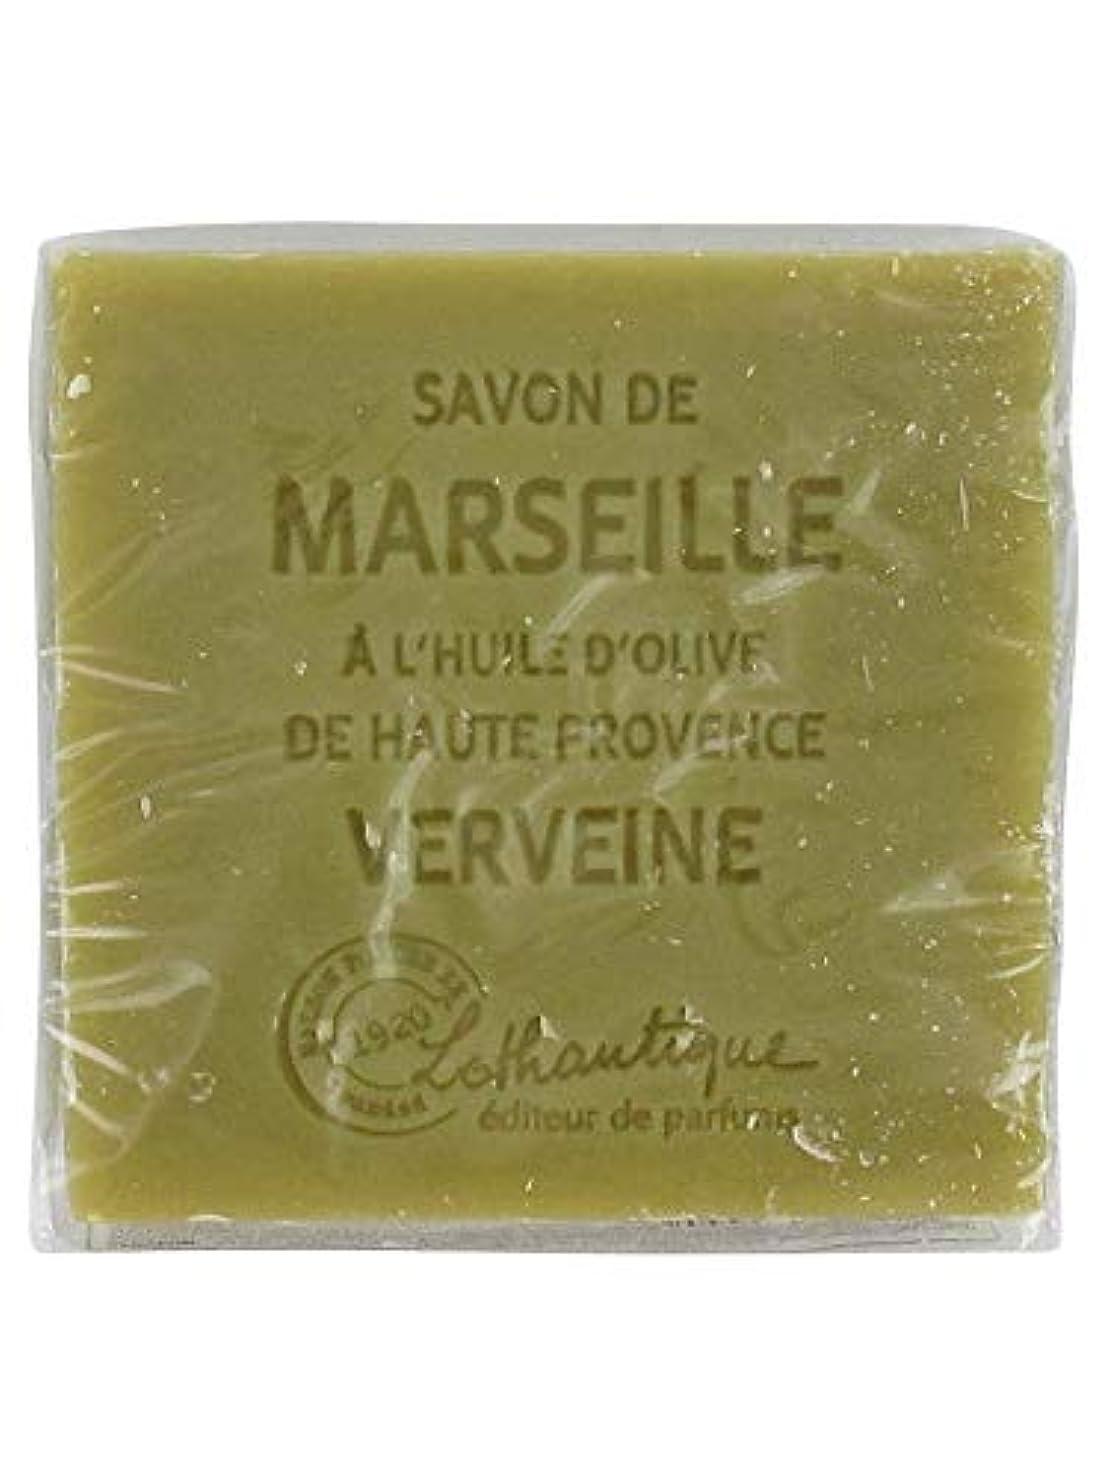 終点拡声器思慮深いLothantique(ロタンティック) Les savons de Marseille(マルセイユソープ) マルセイユソープ 100g 「ベルベーヌ」 3420070038142